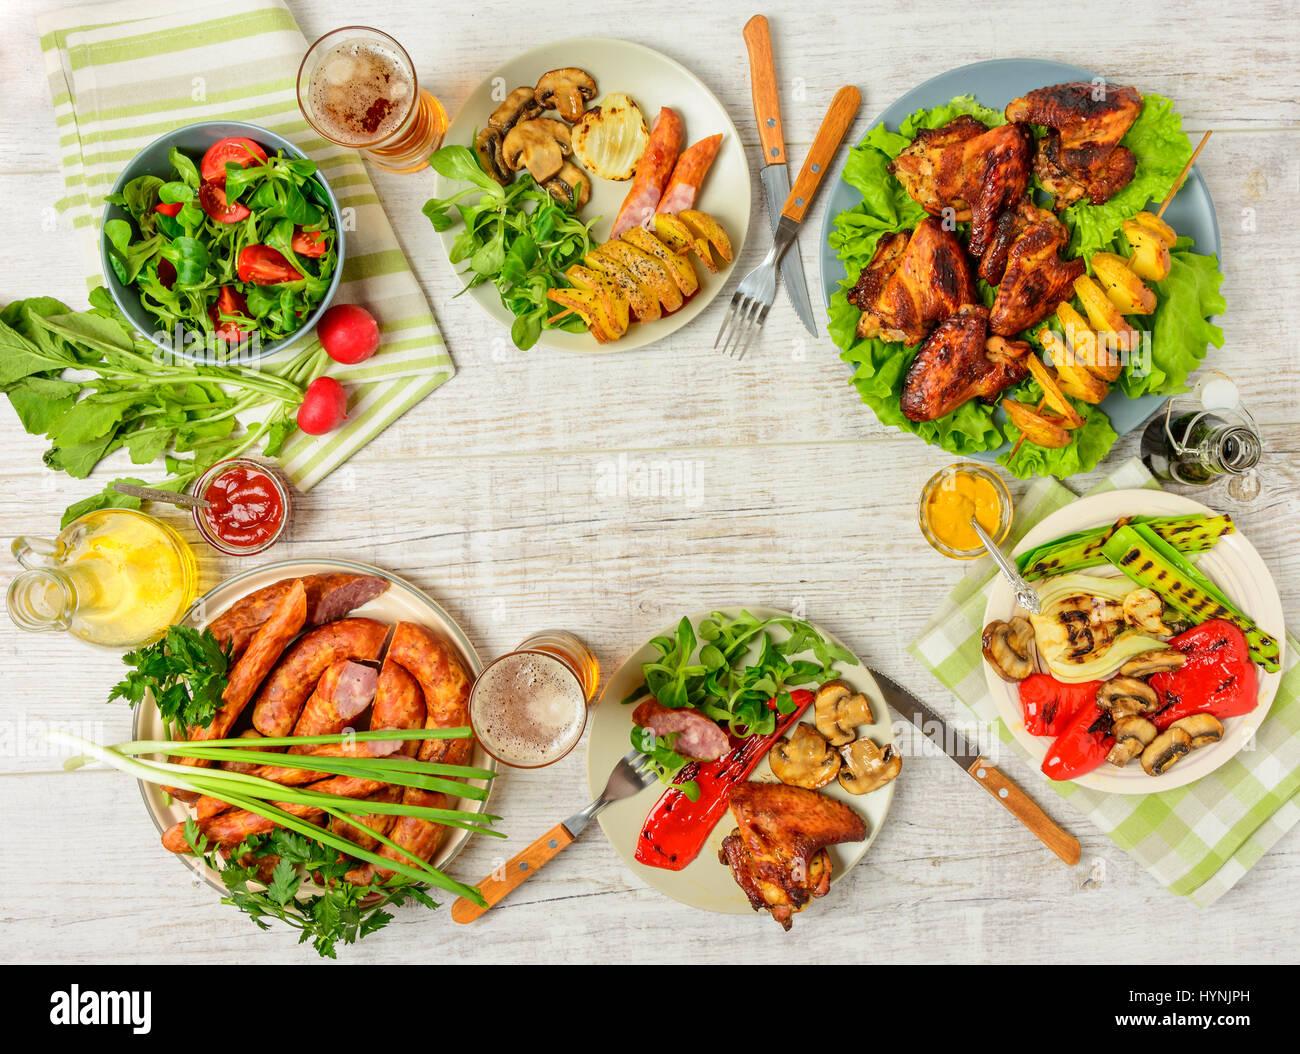 Tavolo per la cena con una varietà di cibo, Alette di pollo fritte, salsicce, verdure grigliate in una padella, Immagini Stock